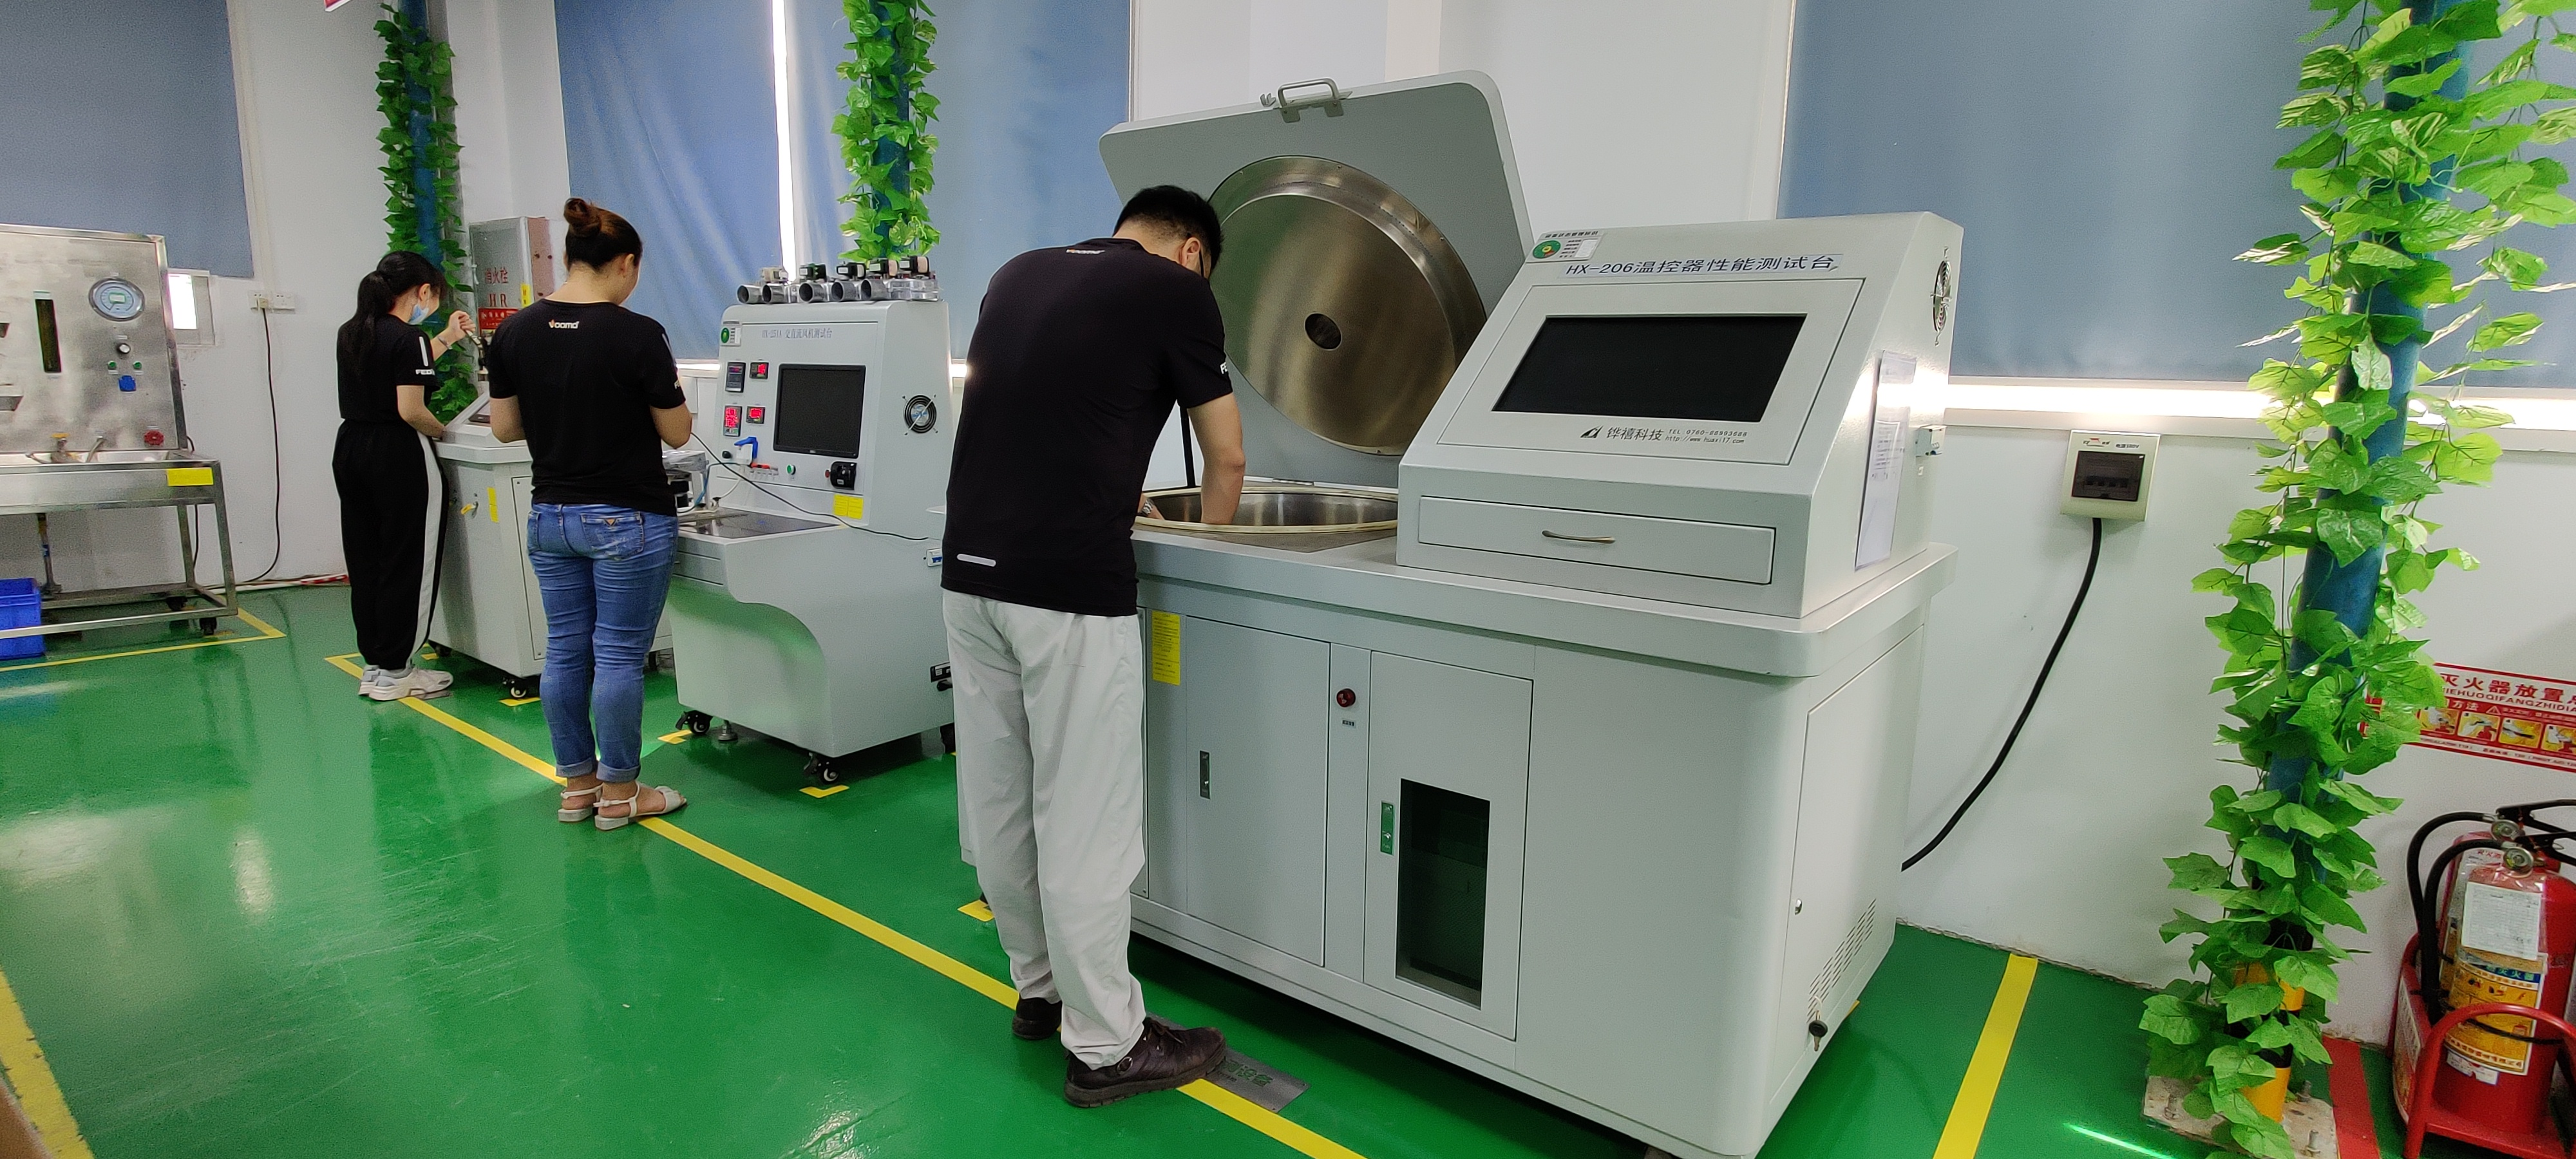 国家燃气供热专业委员会亲临荣事达壁挂炉生产车间实地考察!